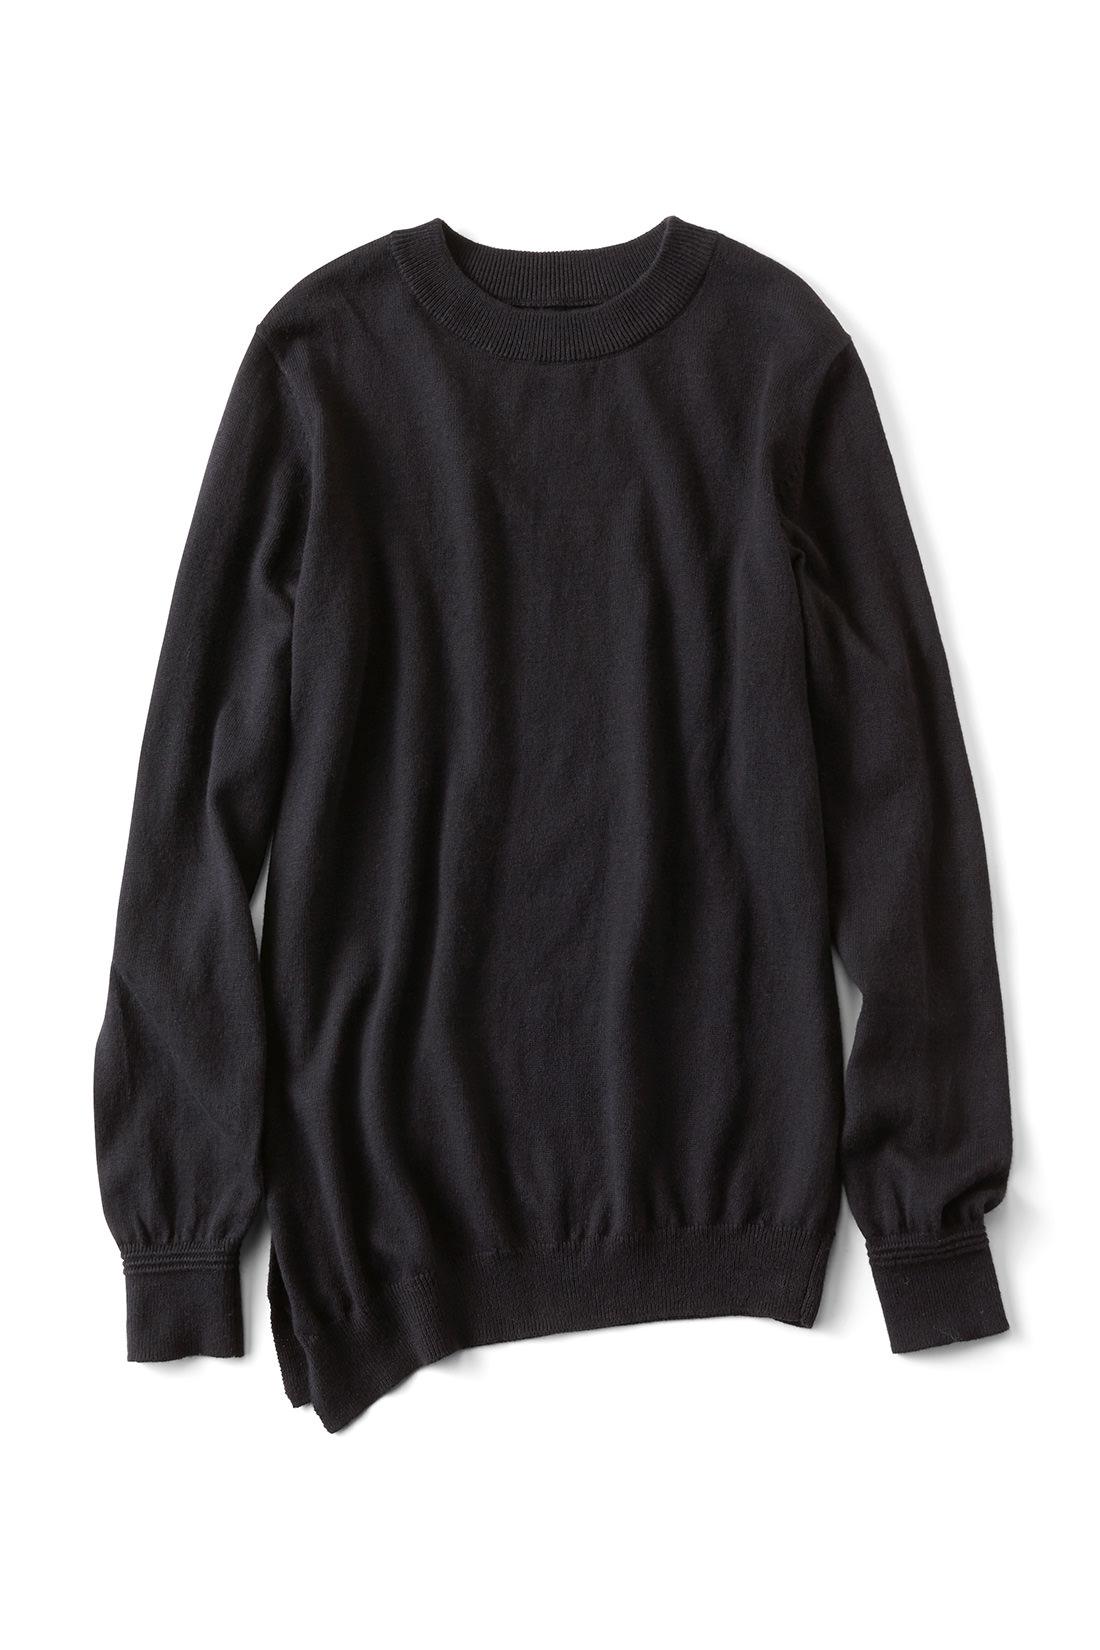 定番の〈ブラック〉 袖にはこだわりのタック編みでさりげないアクセント。